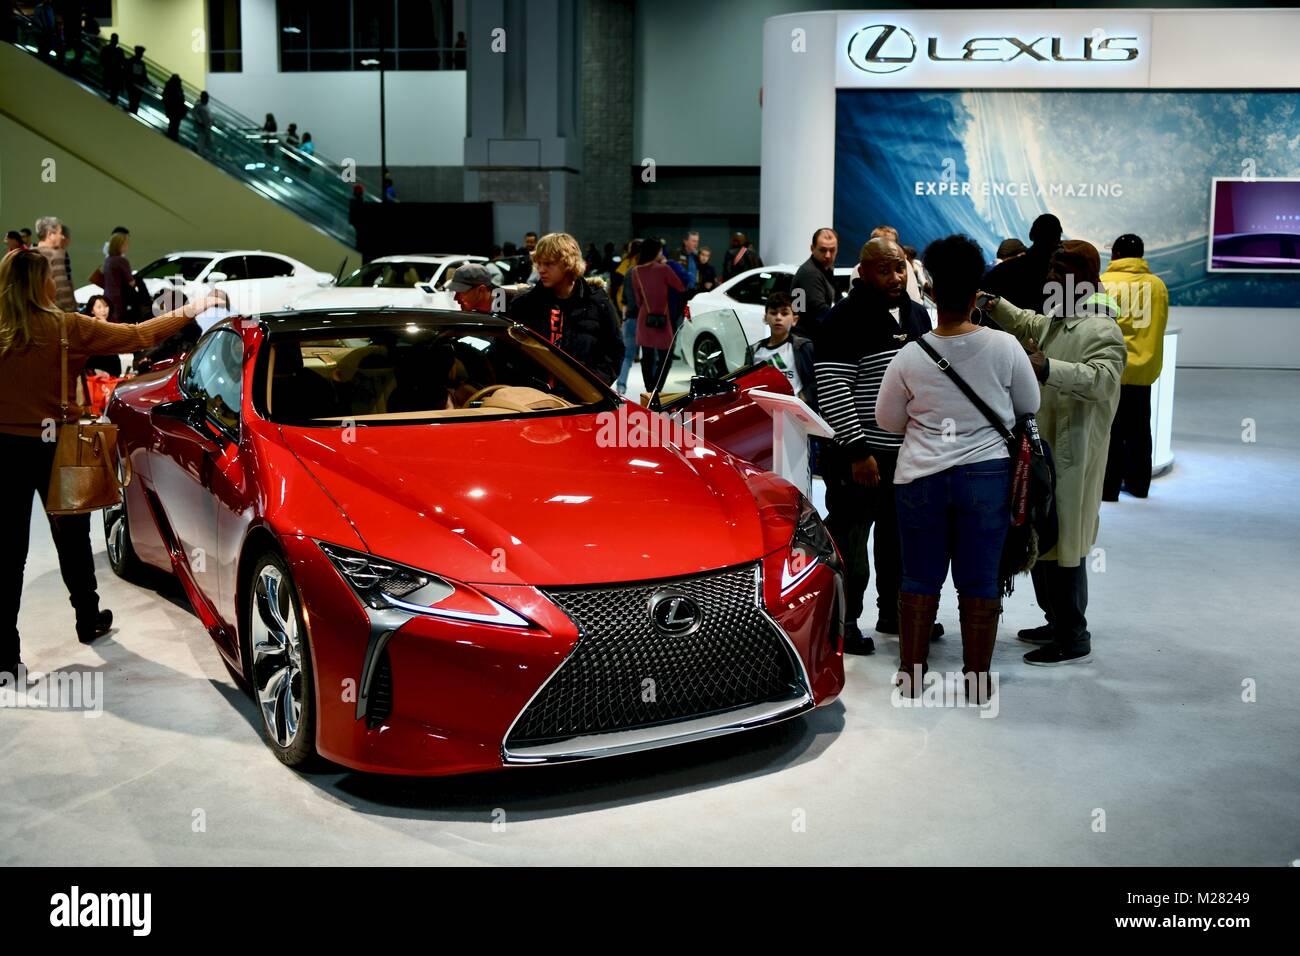 Lexus car at the 2018 Washington Auto Show, Washington DC, USA Stock